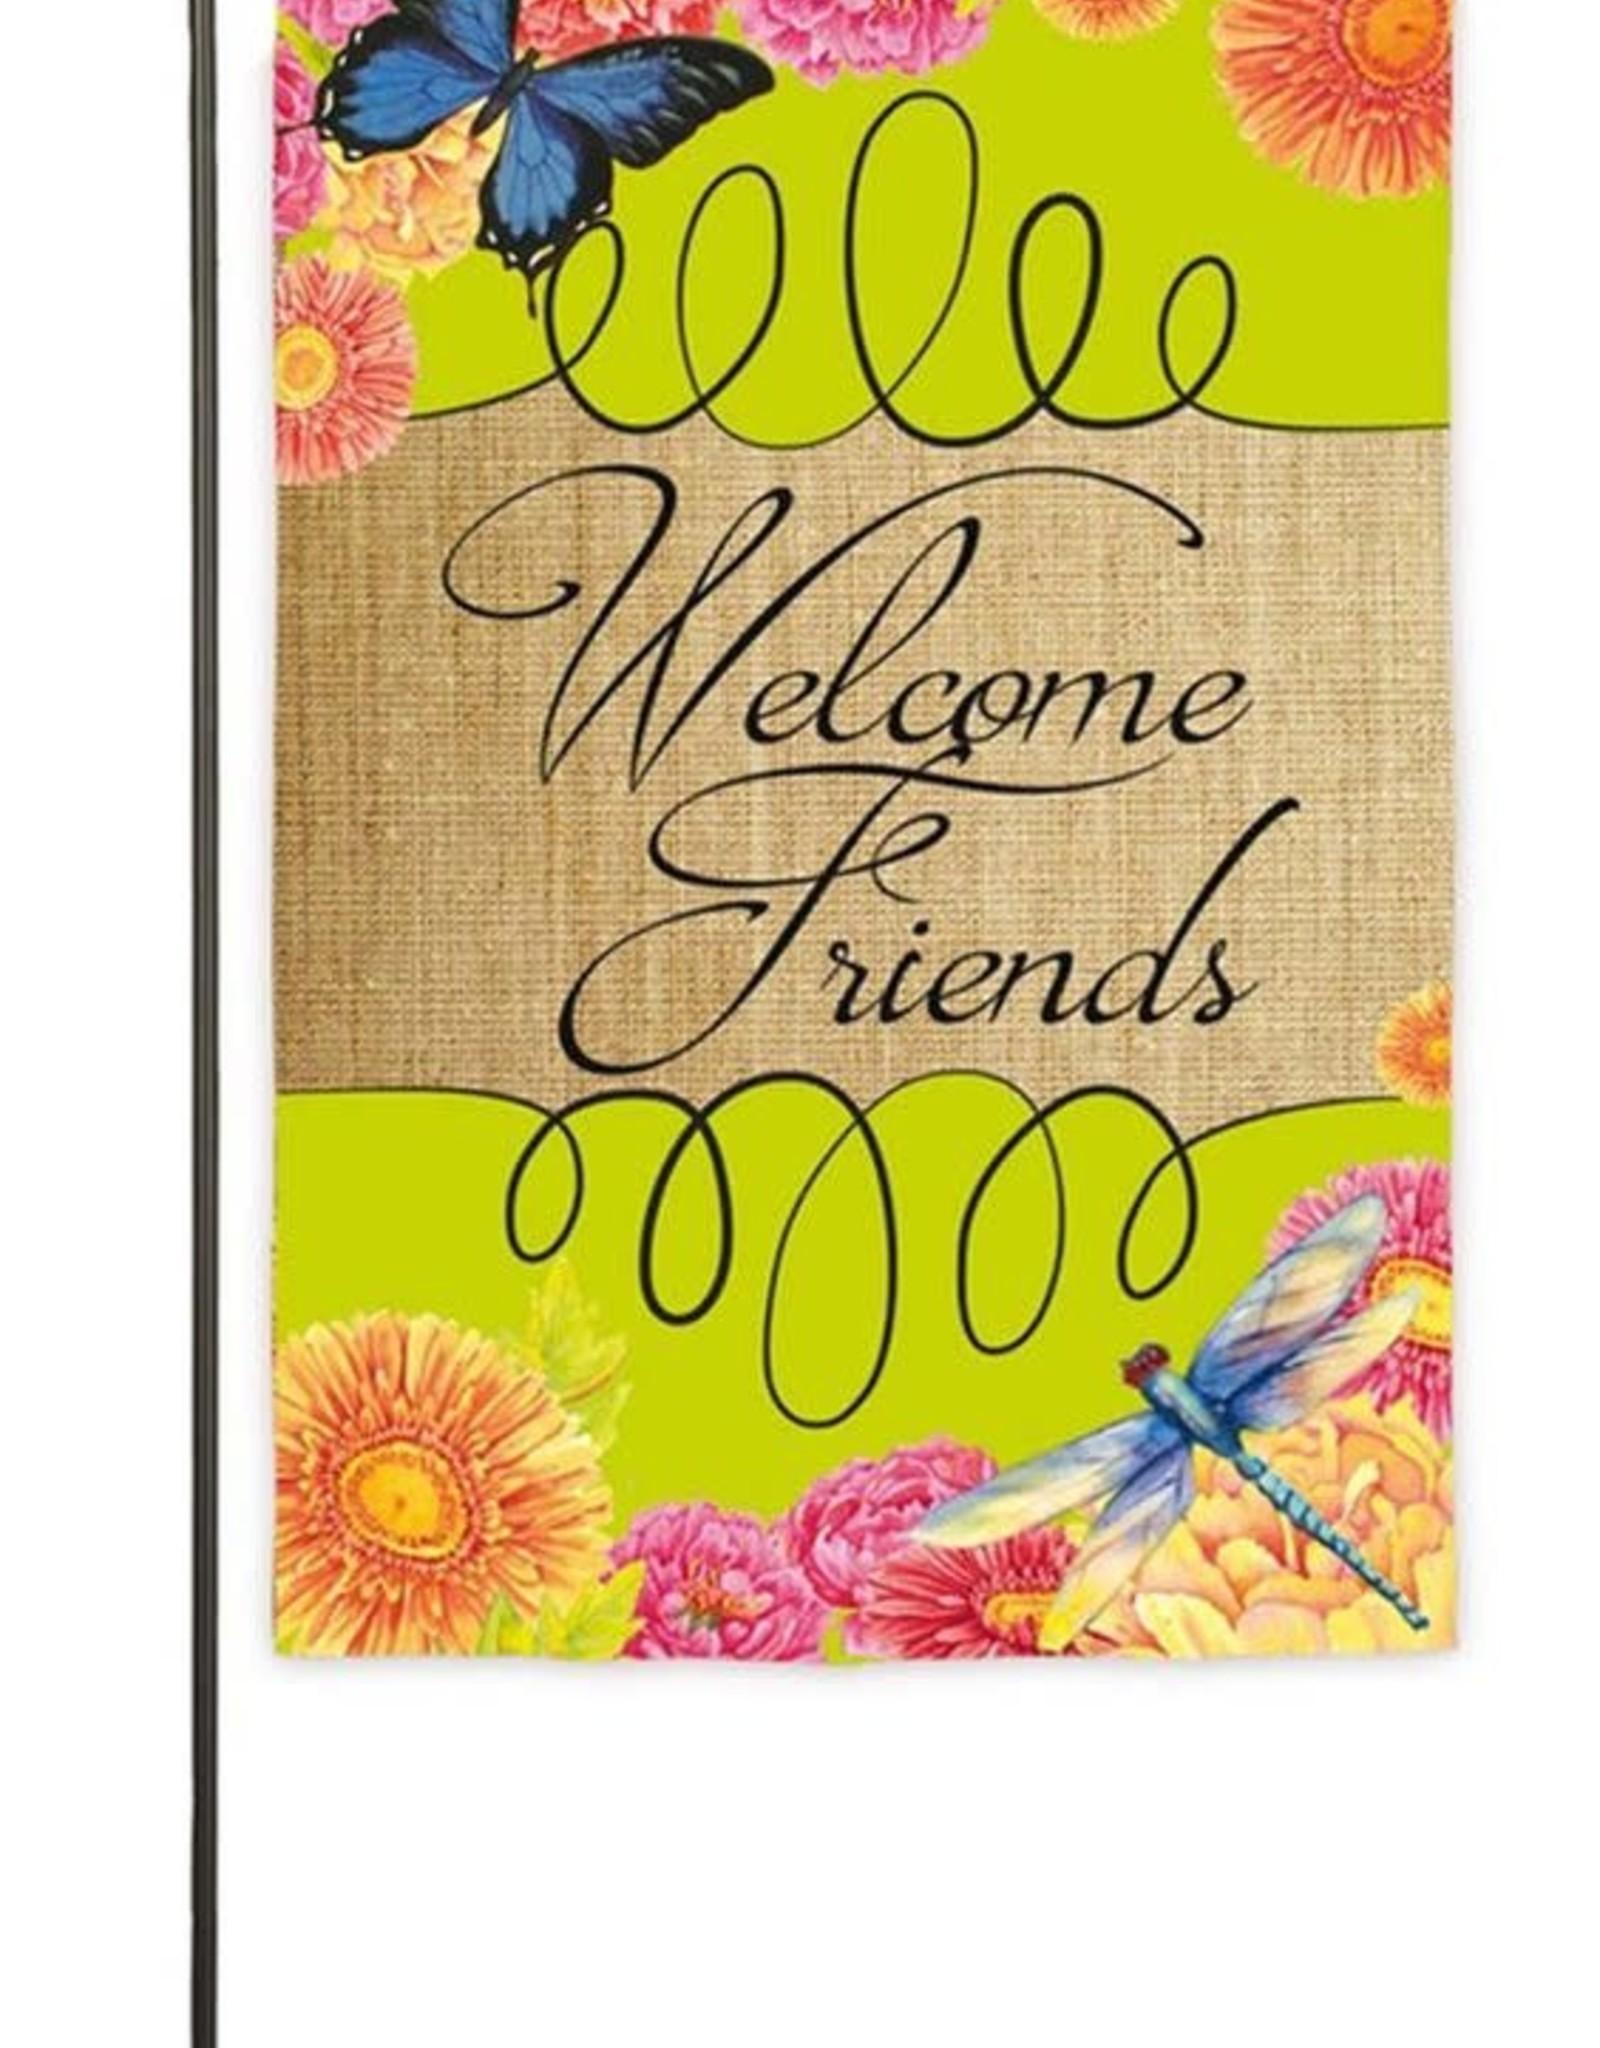 Evergreen EV Welcome Friends GF